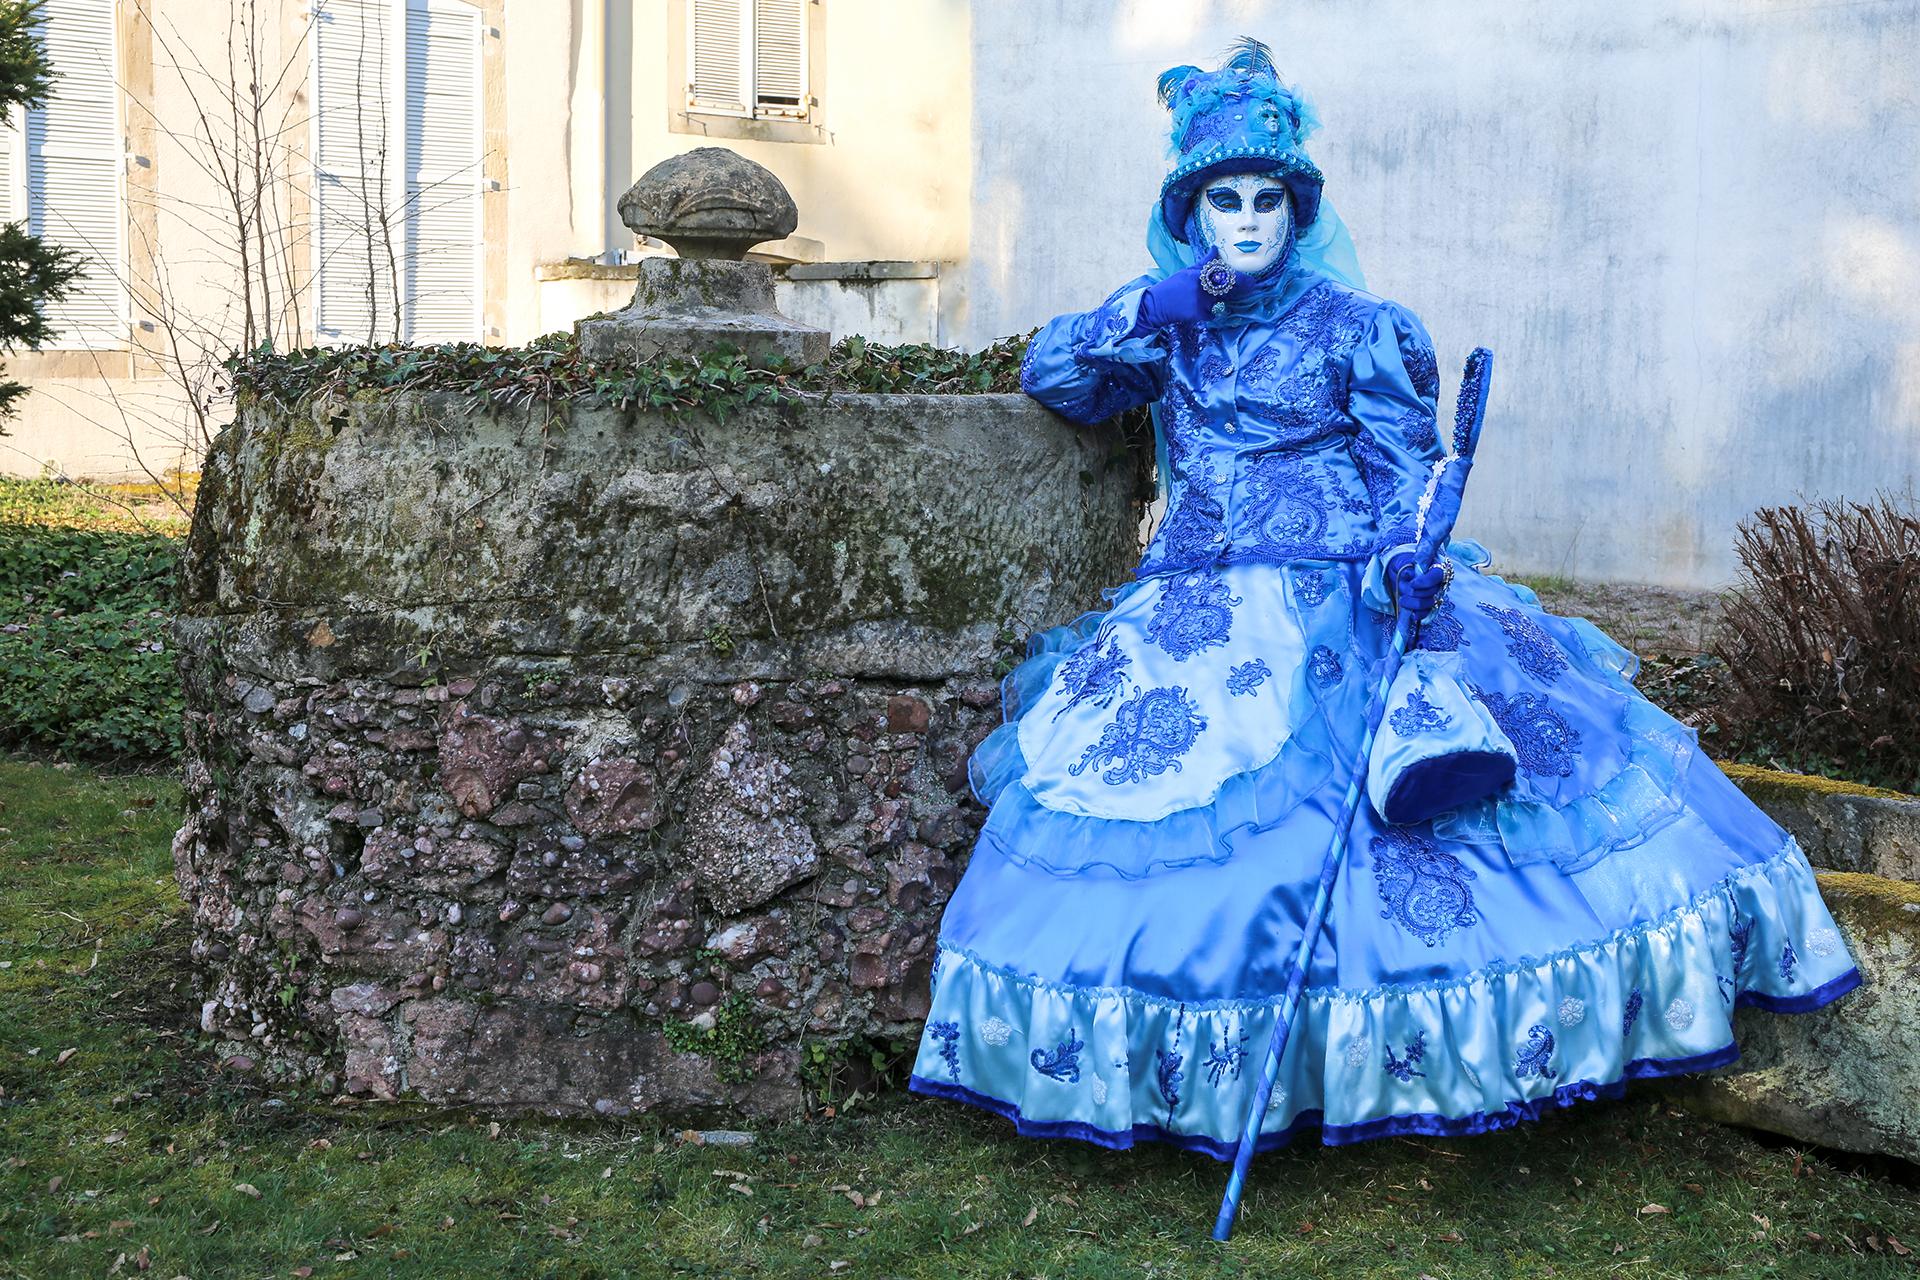 Pensée bleue près de la fontaine- Photo Blandine et Francis Aubertin